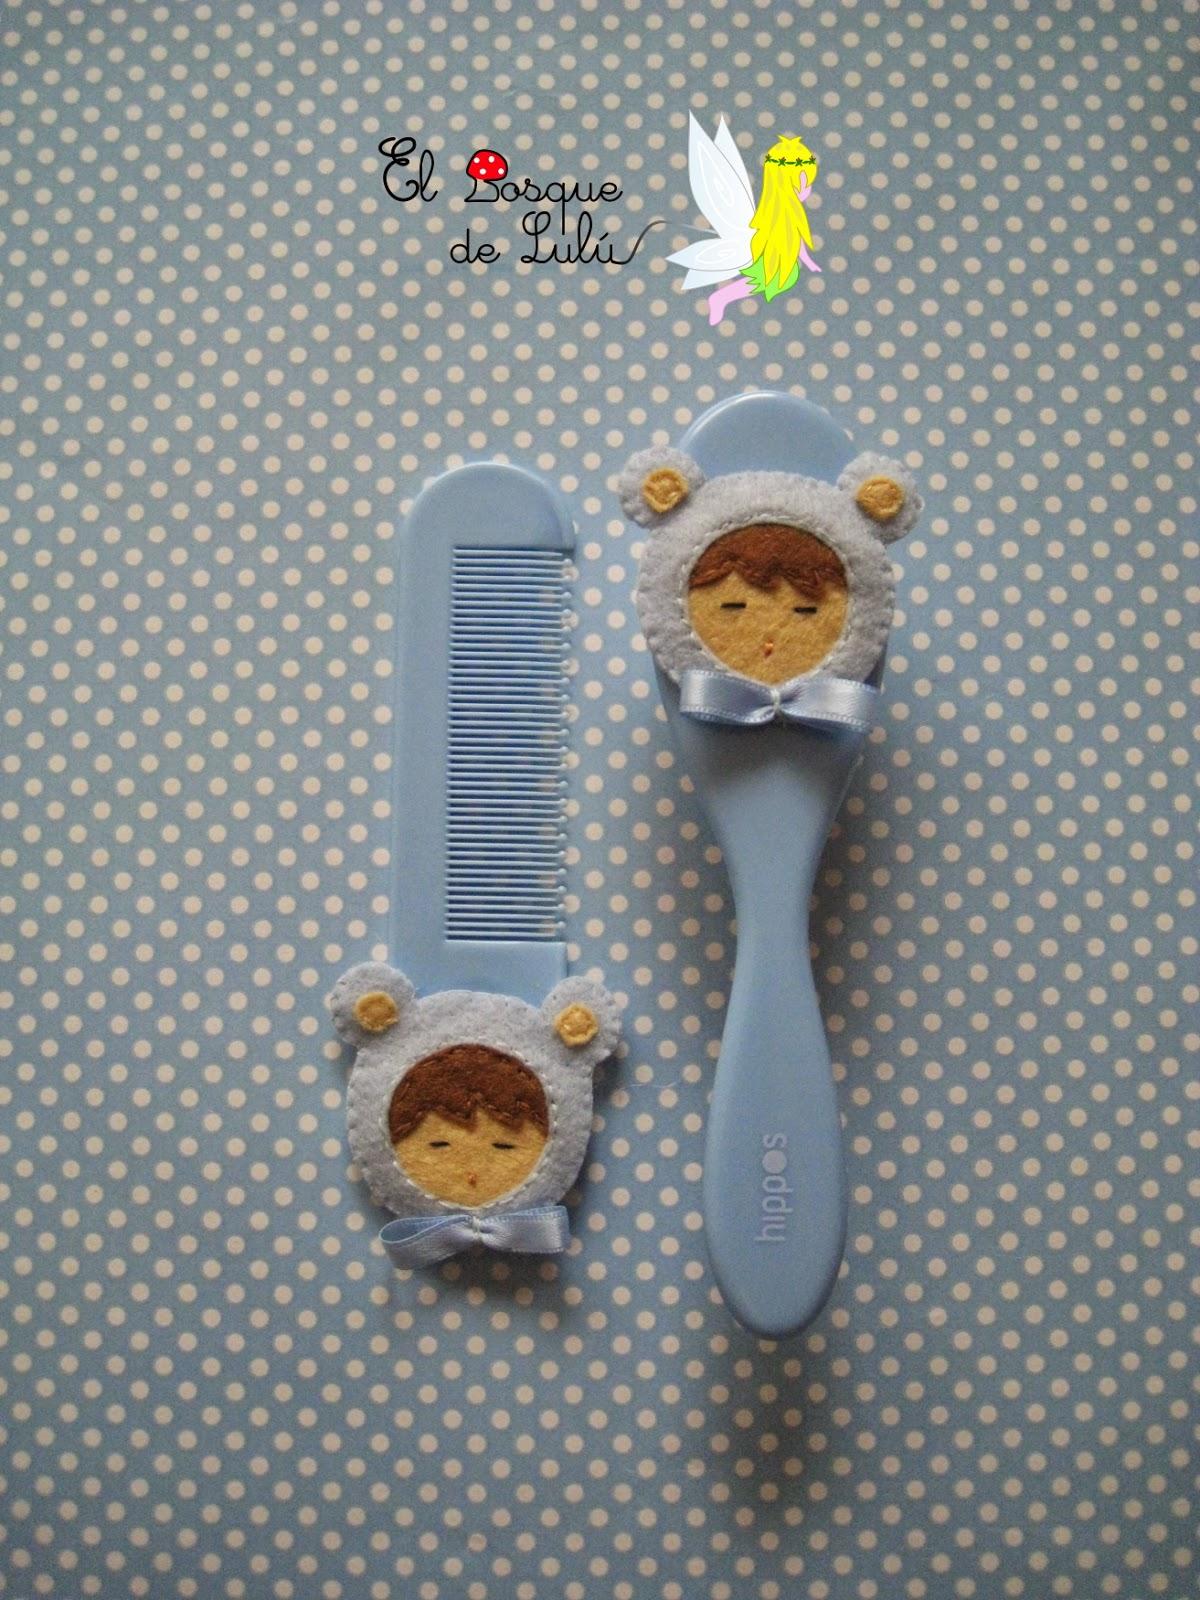 peina-cepillo-fieltro-personalizado-regalo-bienvenida-nacimiento-bebe